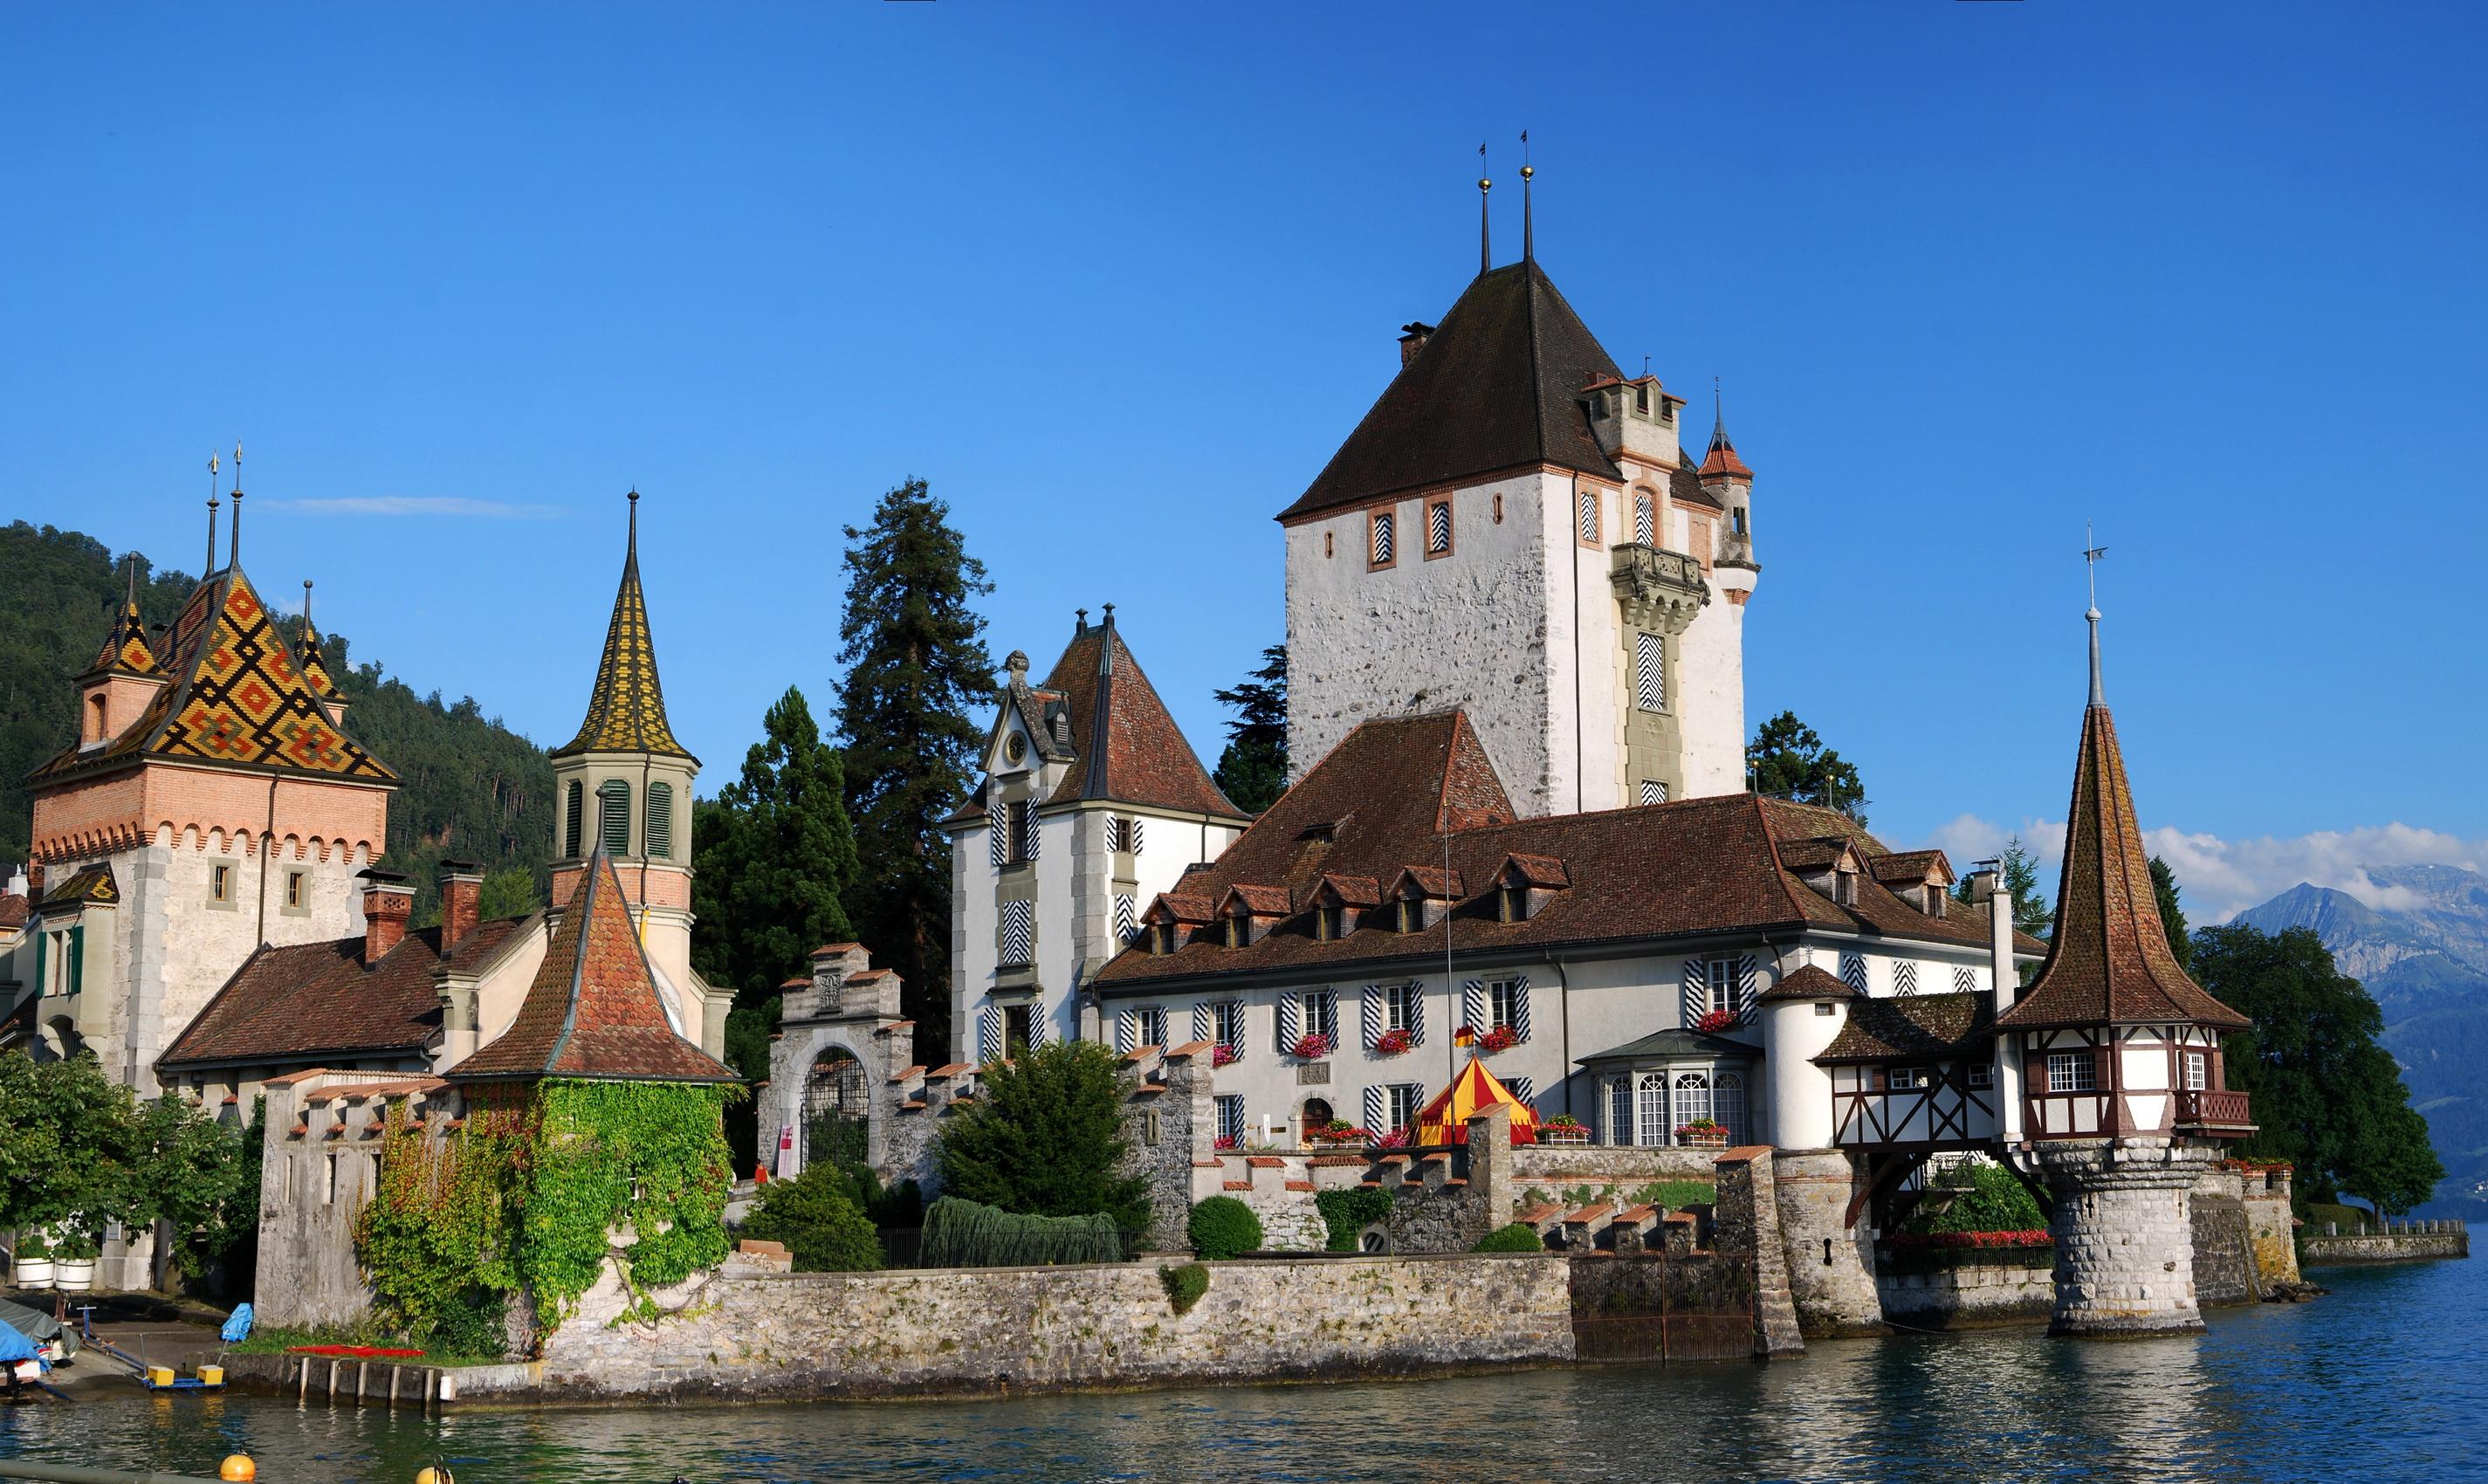 Замок швейцария вечер  № 2569418 без смс